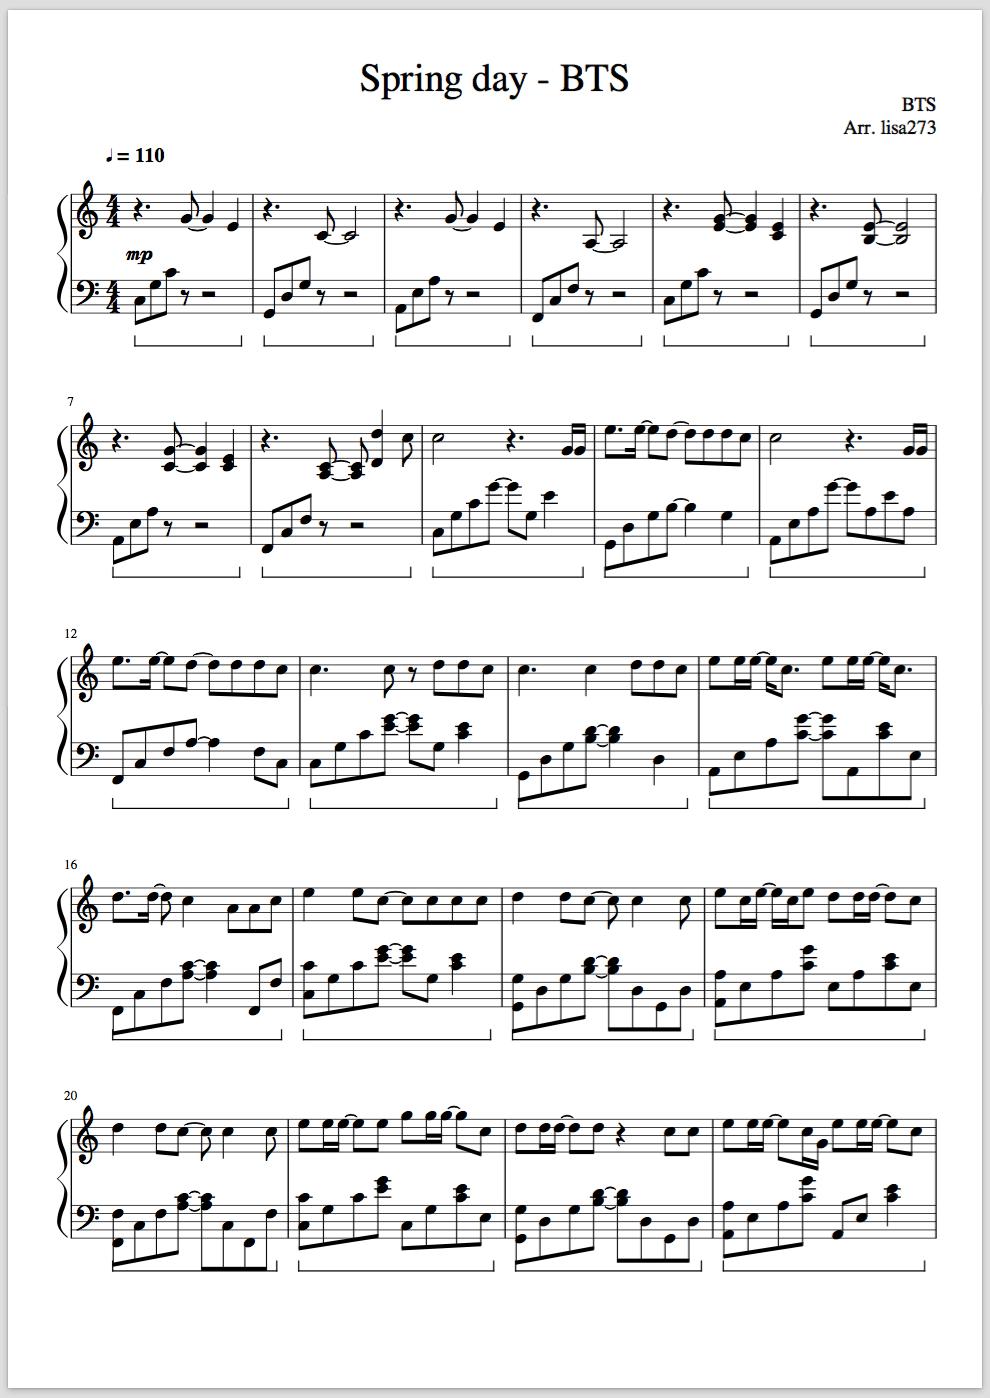 Kpop Sheet Music : sheet, music, Spring, Sheet, Music, Piano